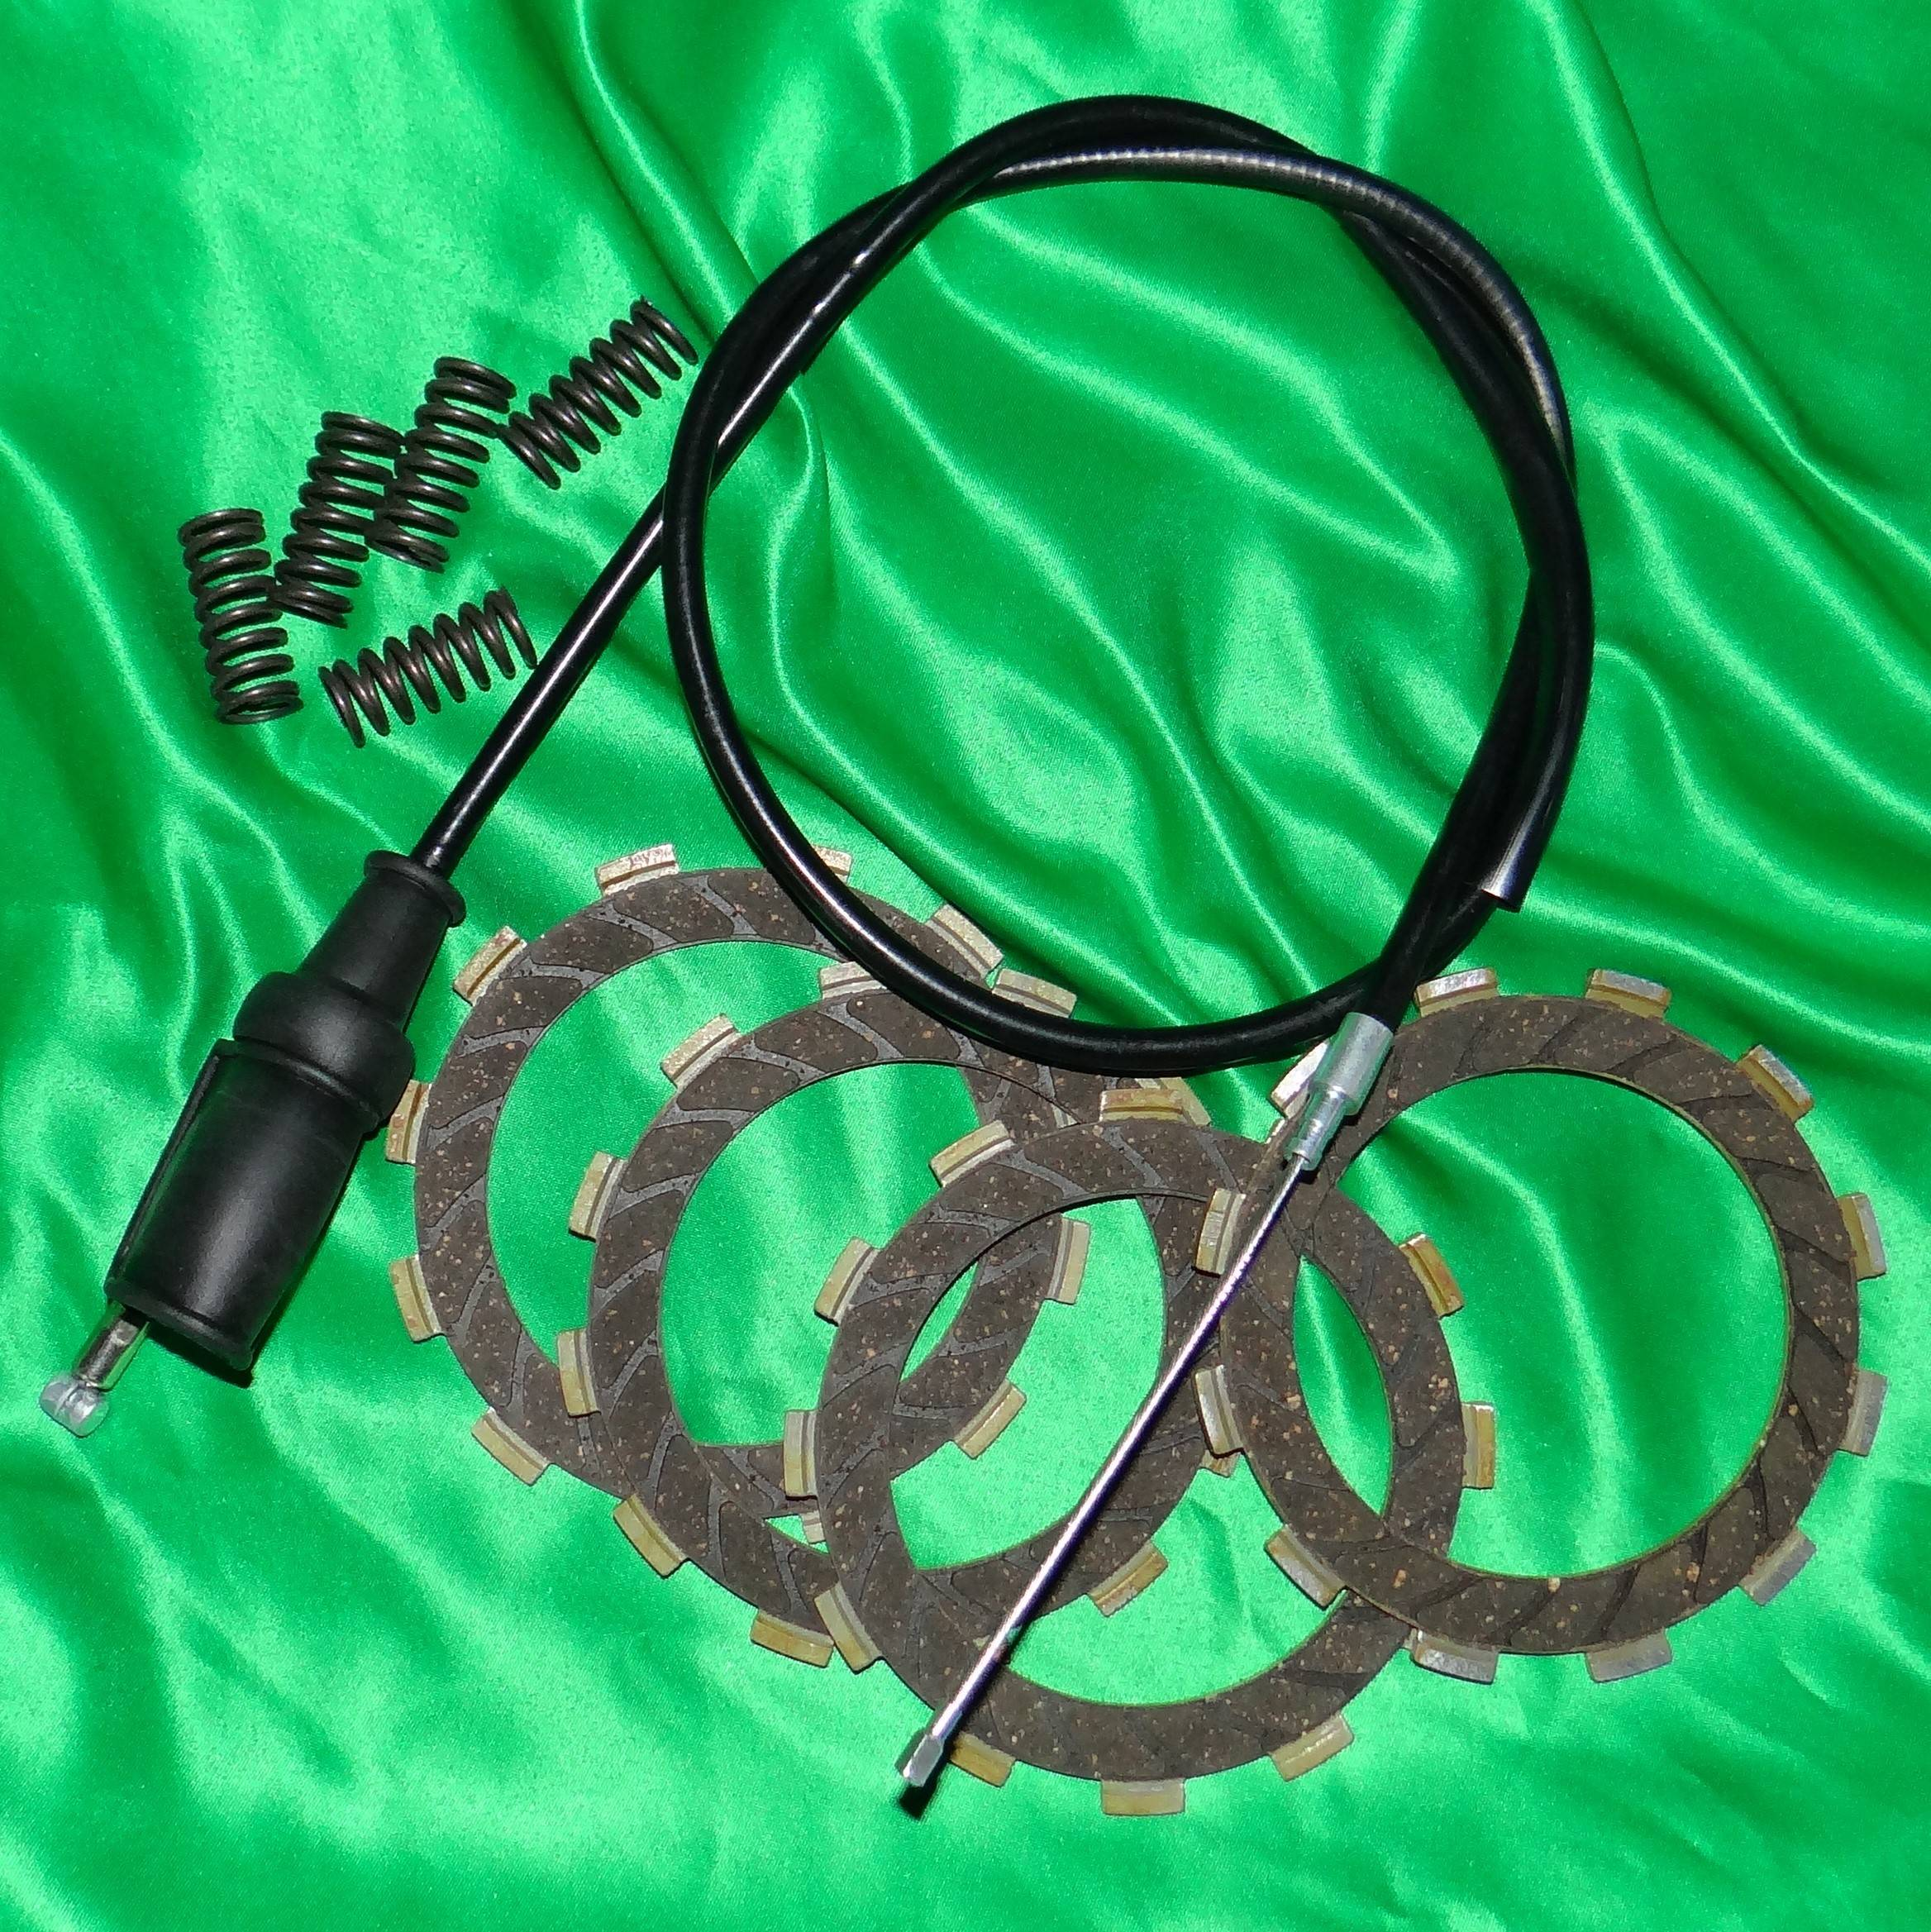 Disque d'embrayage, ressort, cable d'embrayage,... pour HUSQVARNA 4 temps